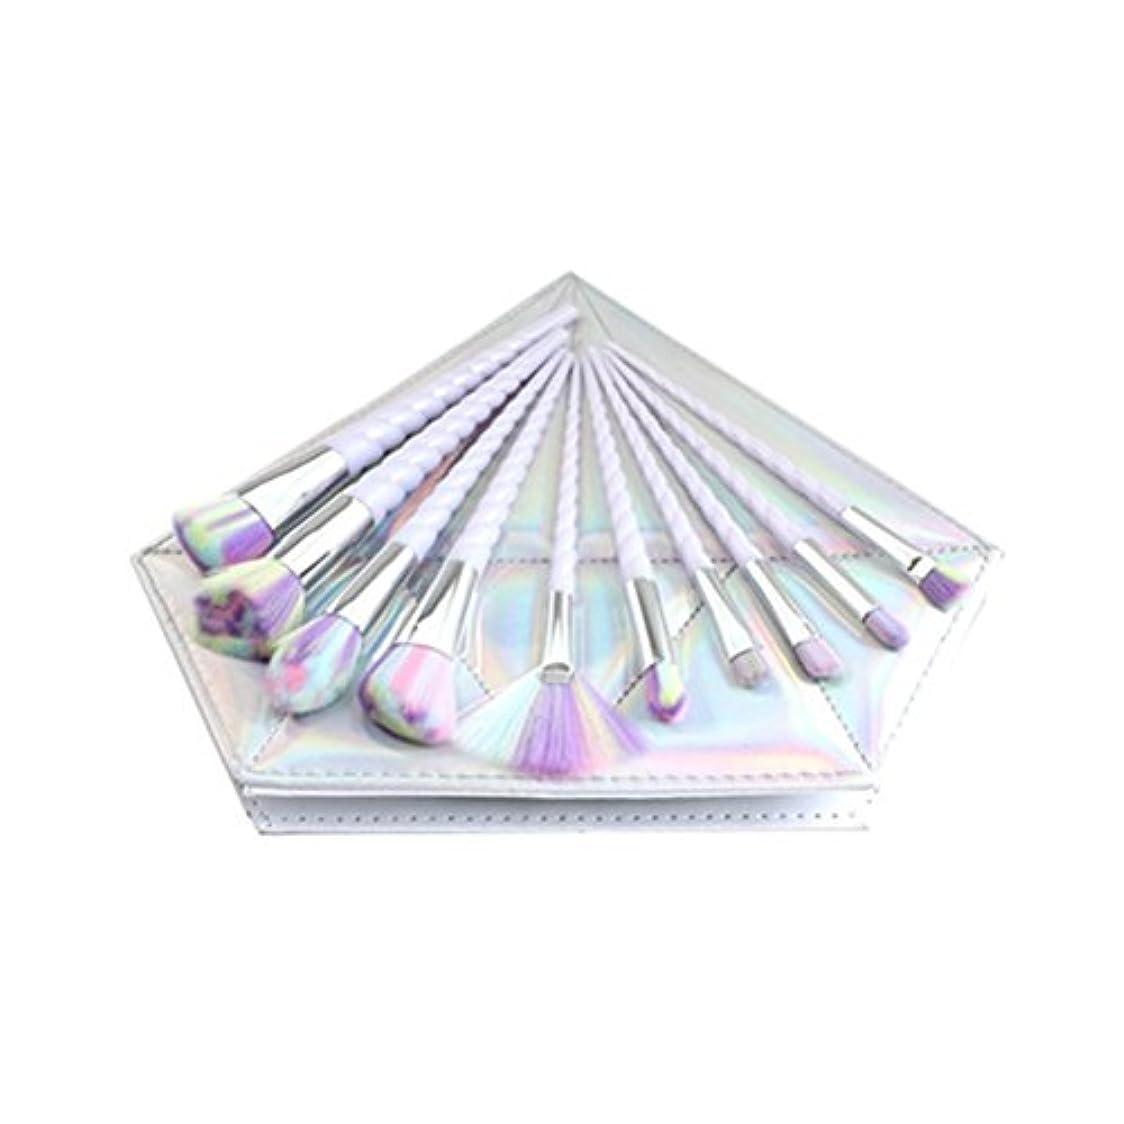 危険にさらされている写真甲虫Dilla Beauty 10本セットユニコーンデザインプラスチックハンドル形状メイクブラシセット合成毛ファンデーションブラシアイシャドーブラッシャー美容ツール美しい化粧品のバッグを送る (白いハンドル - 多色の毛)